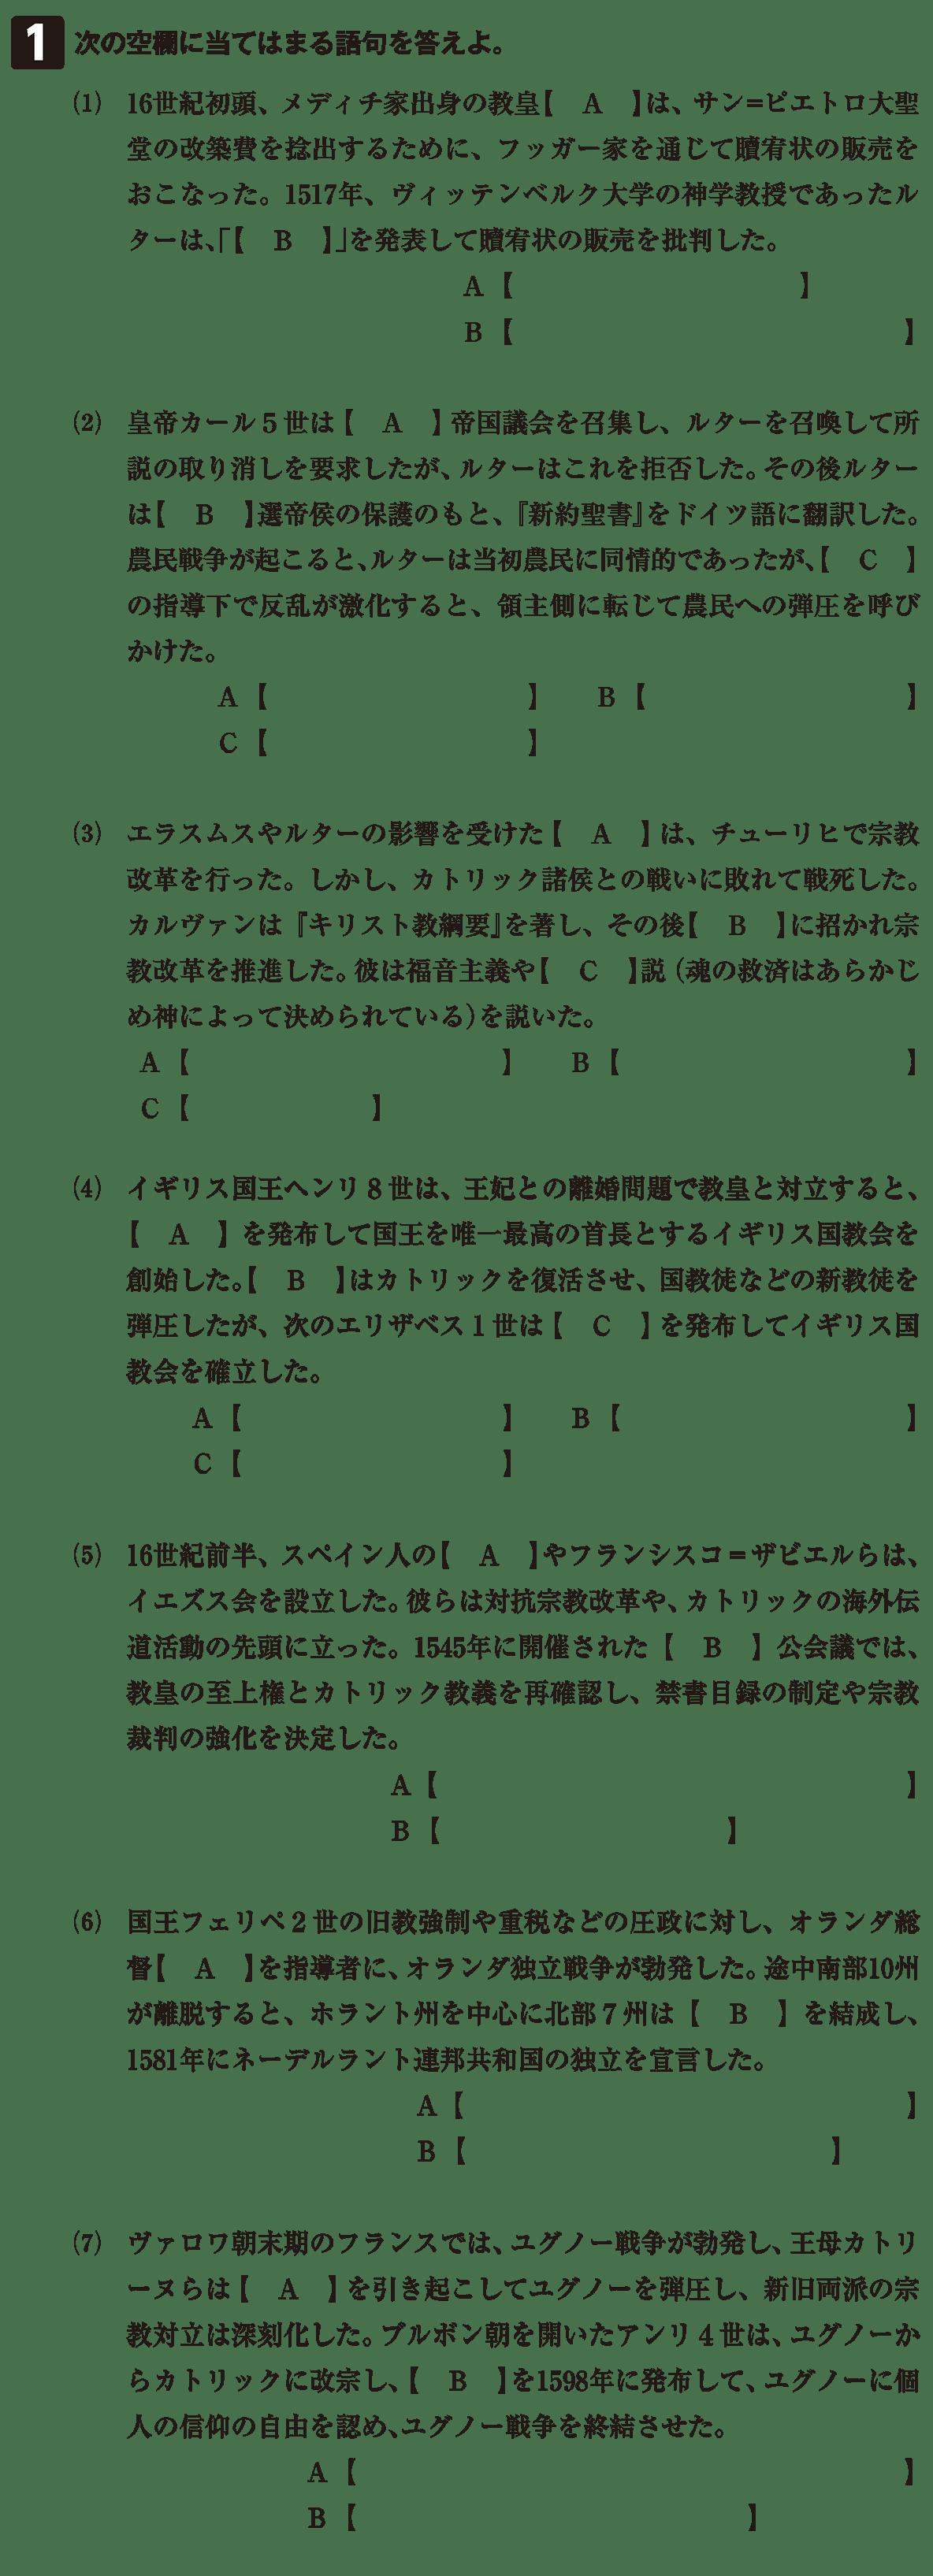 高校世界史 宗教改革6 確認テスト(前半)